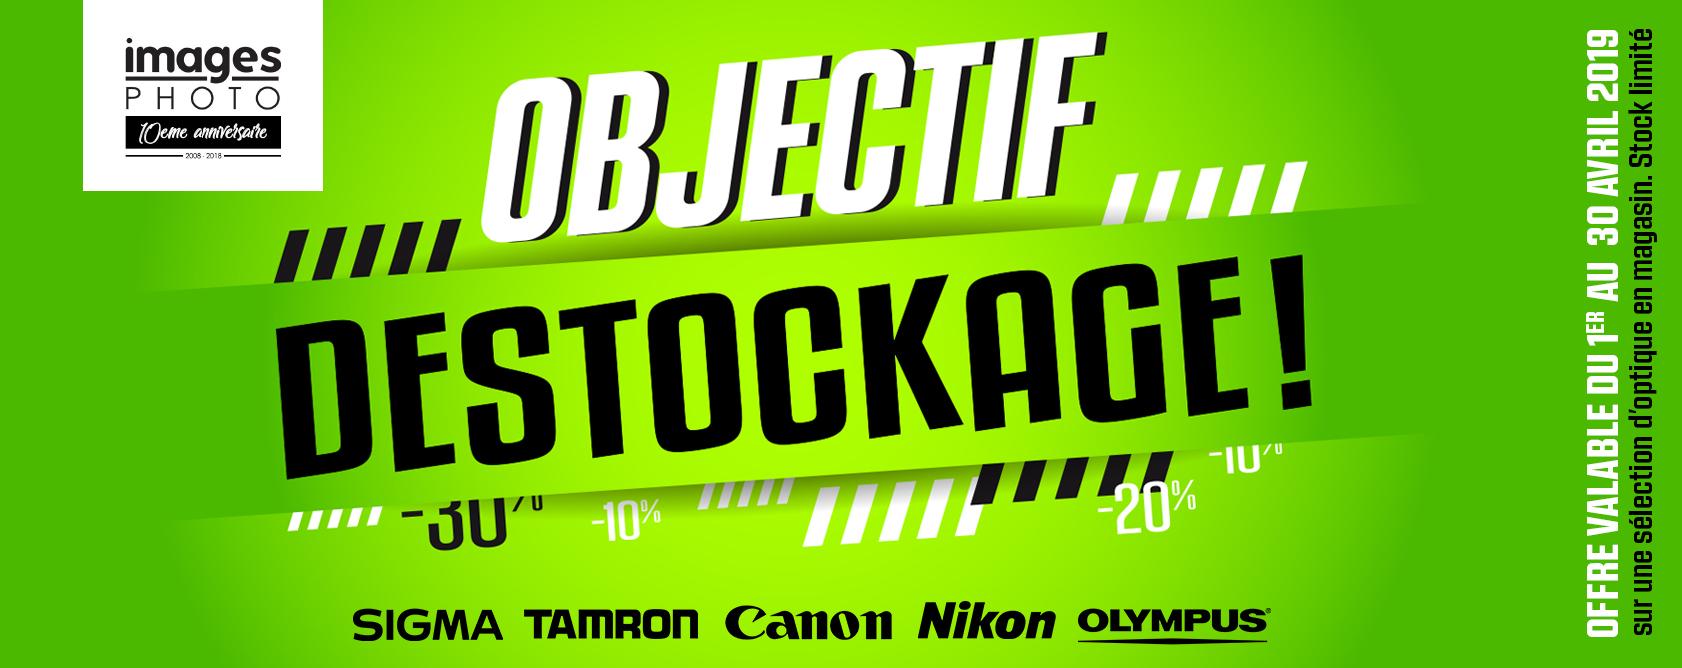 Objectif Destockage